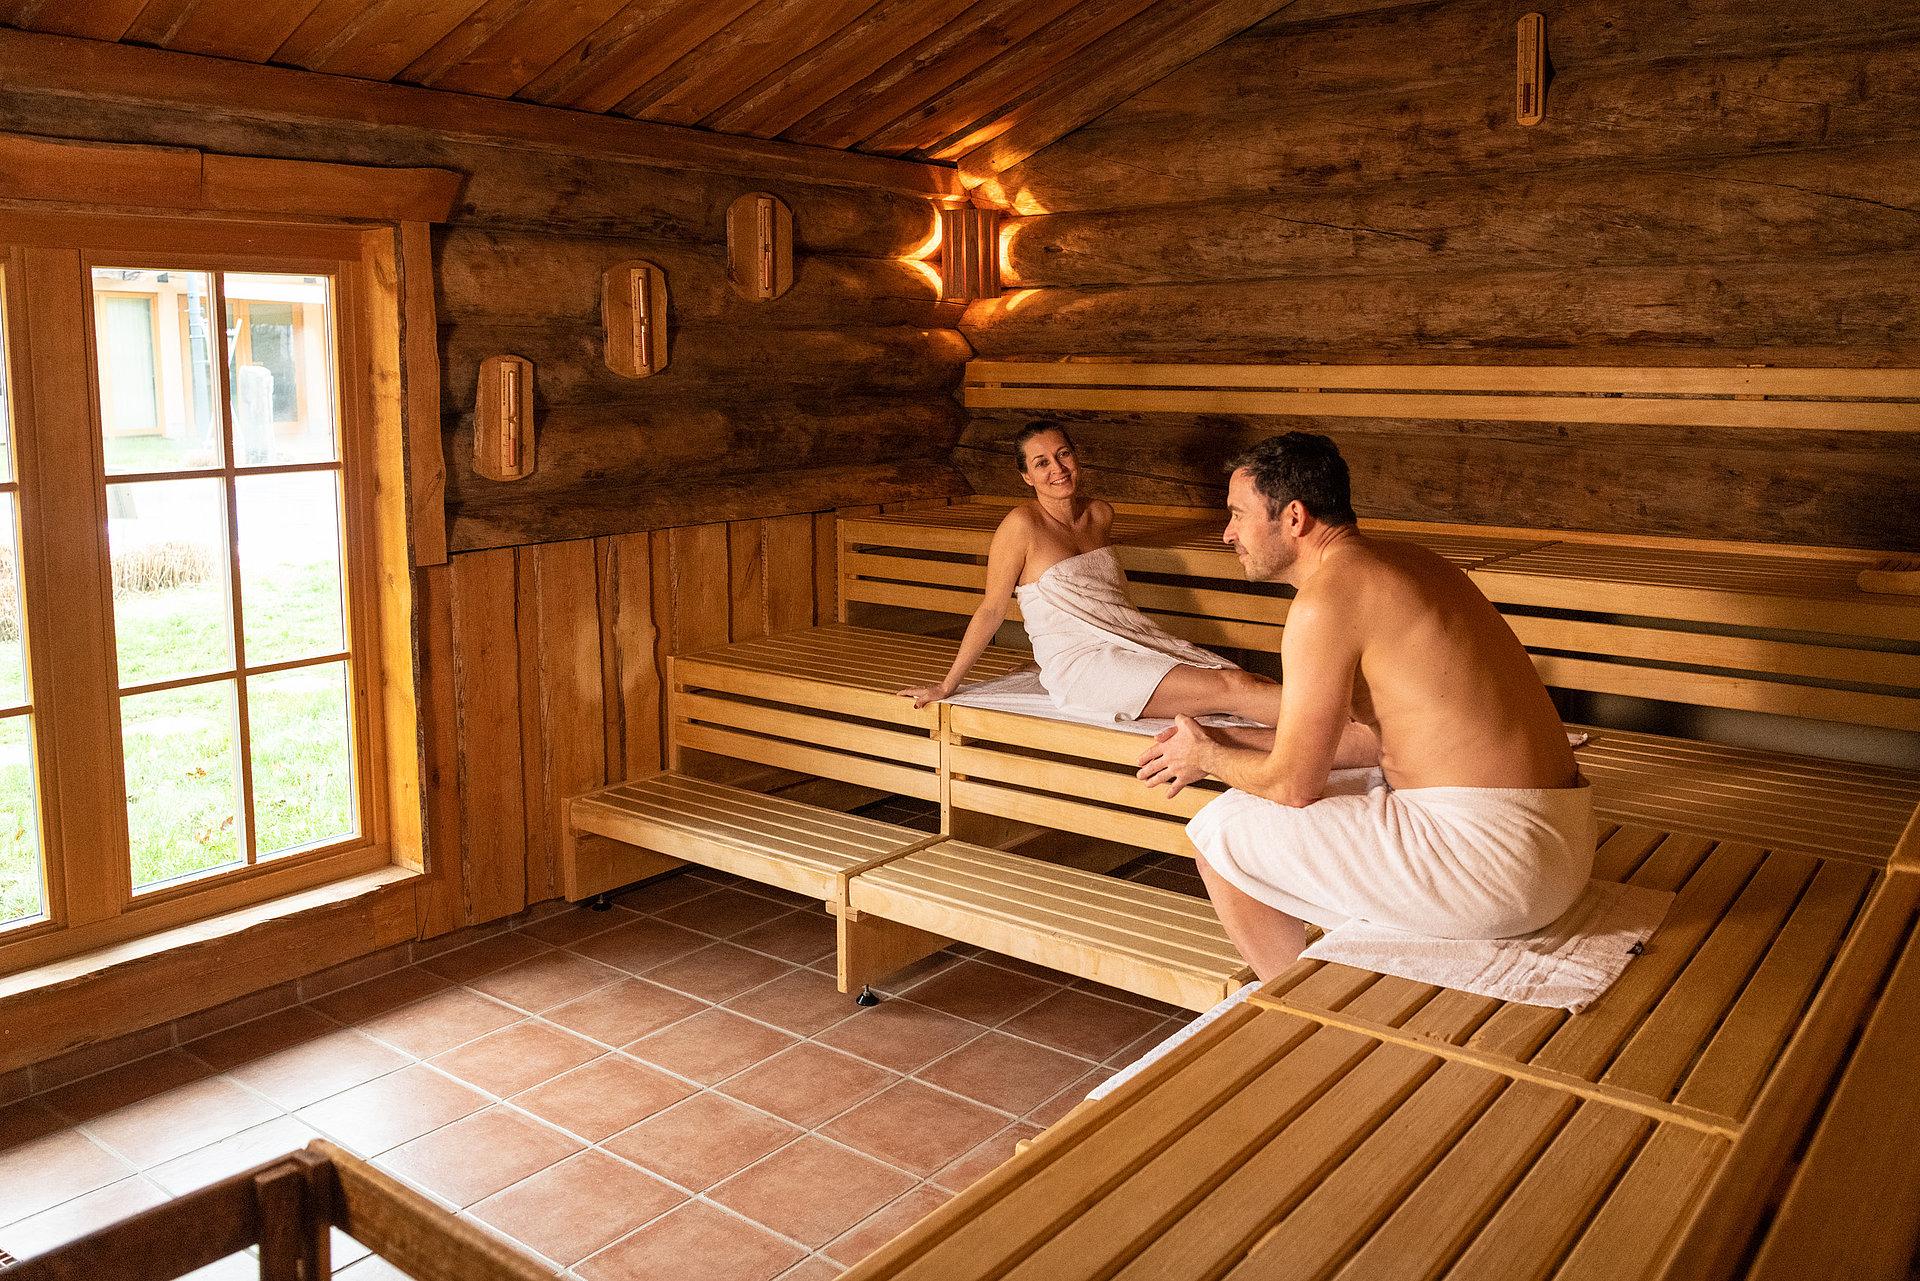 Ontspannen tijdens een saunabezoek in de thermale baden van de Ahr in Bad Neuenahr, Ahrdal